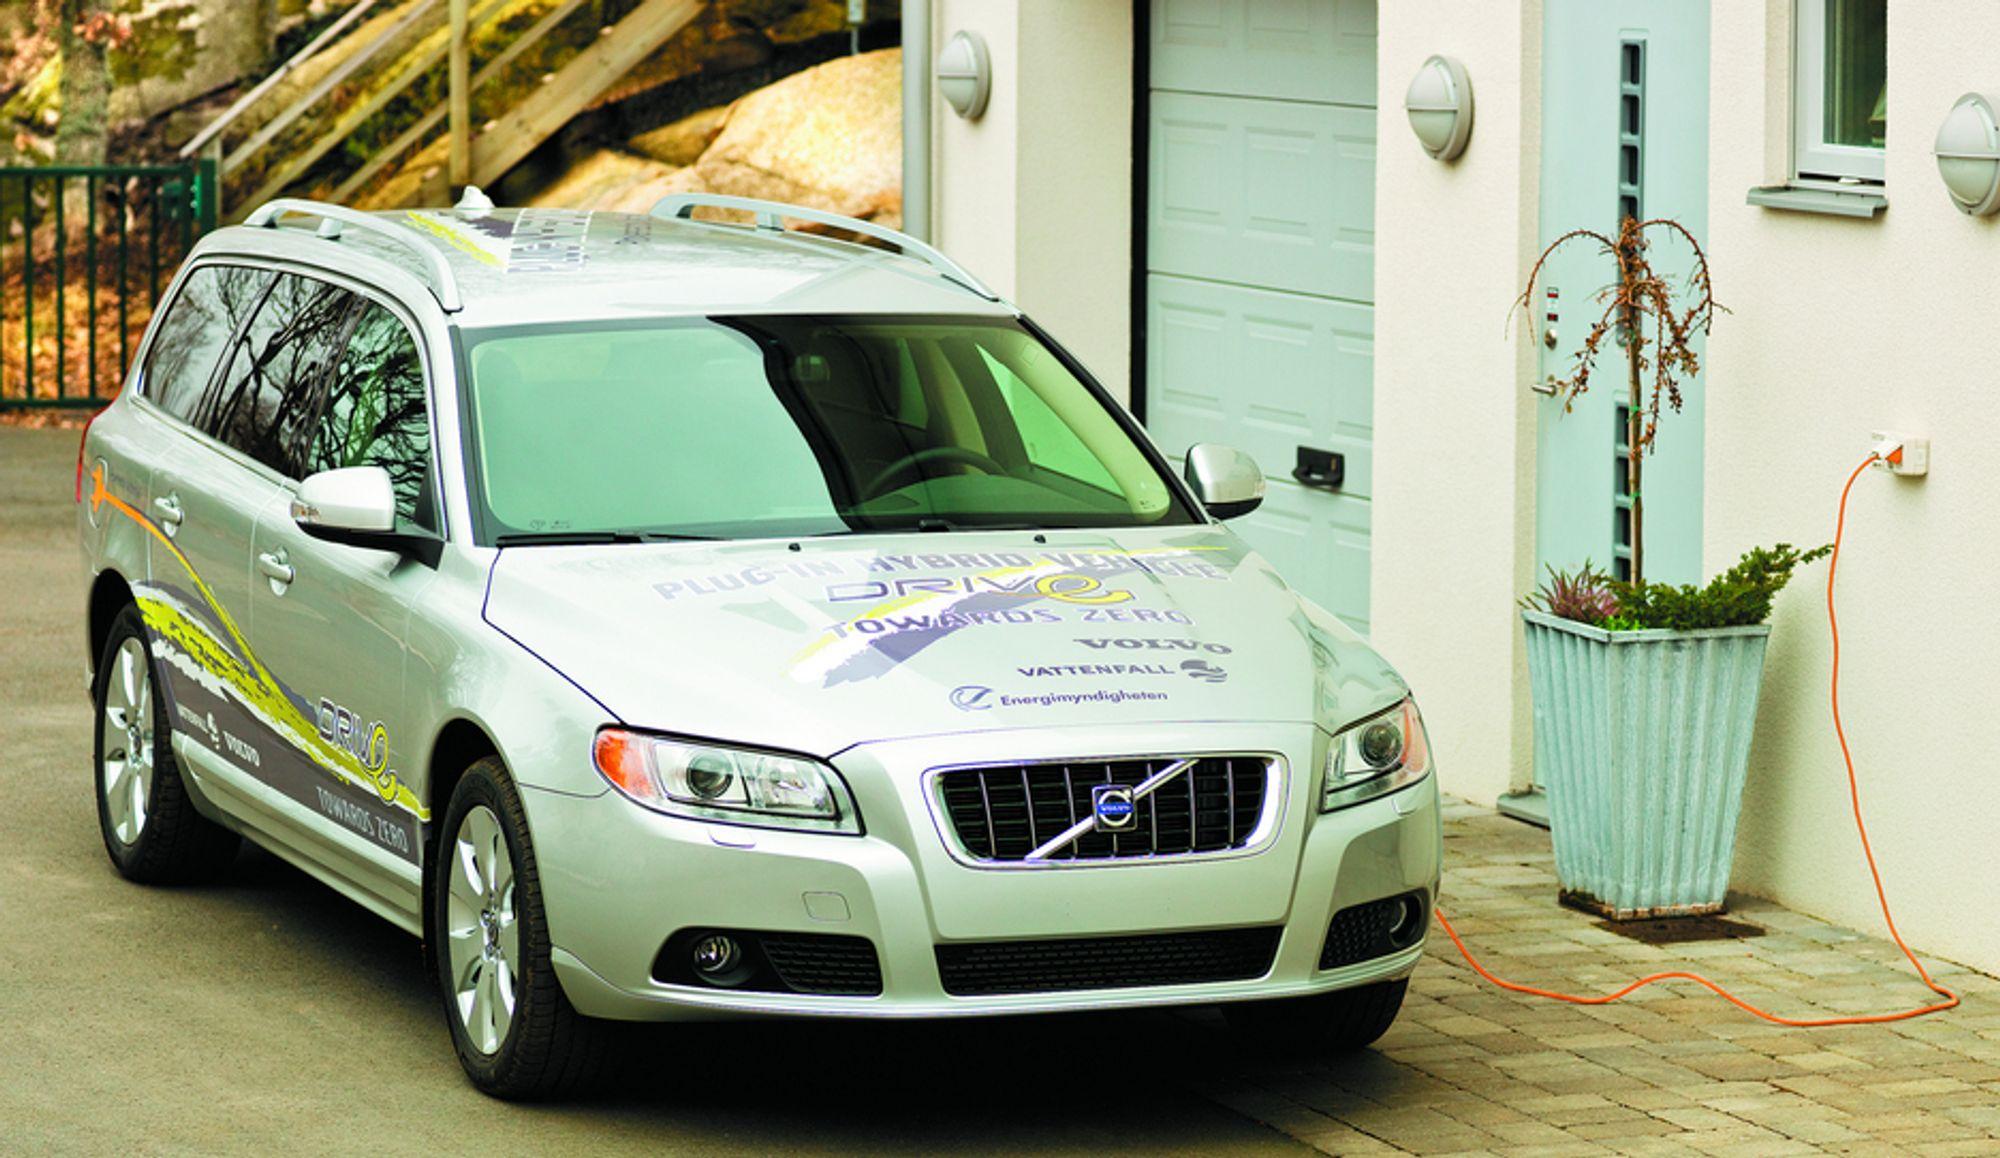 Tidligere i år viste Volvo-ingeniørene fram sin siste bedrift: en ladbar hybrid. Nå er oppdraget å kjøpe Volvo PV.